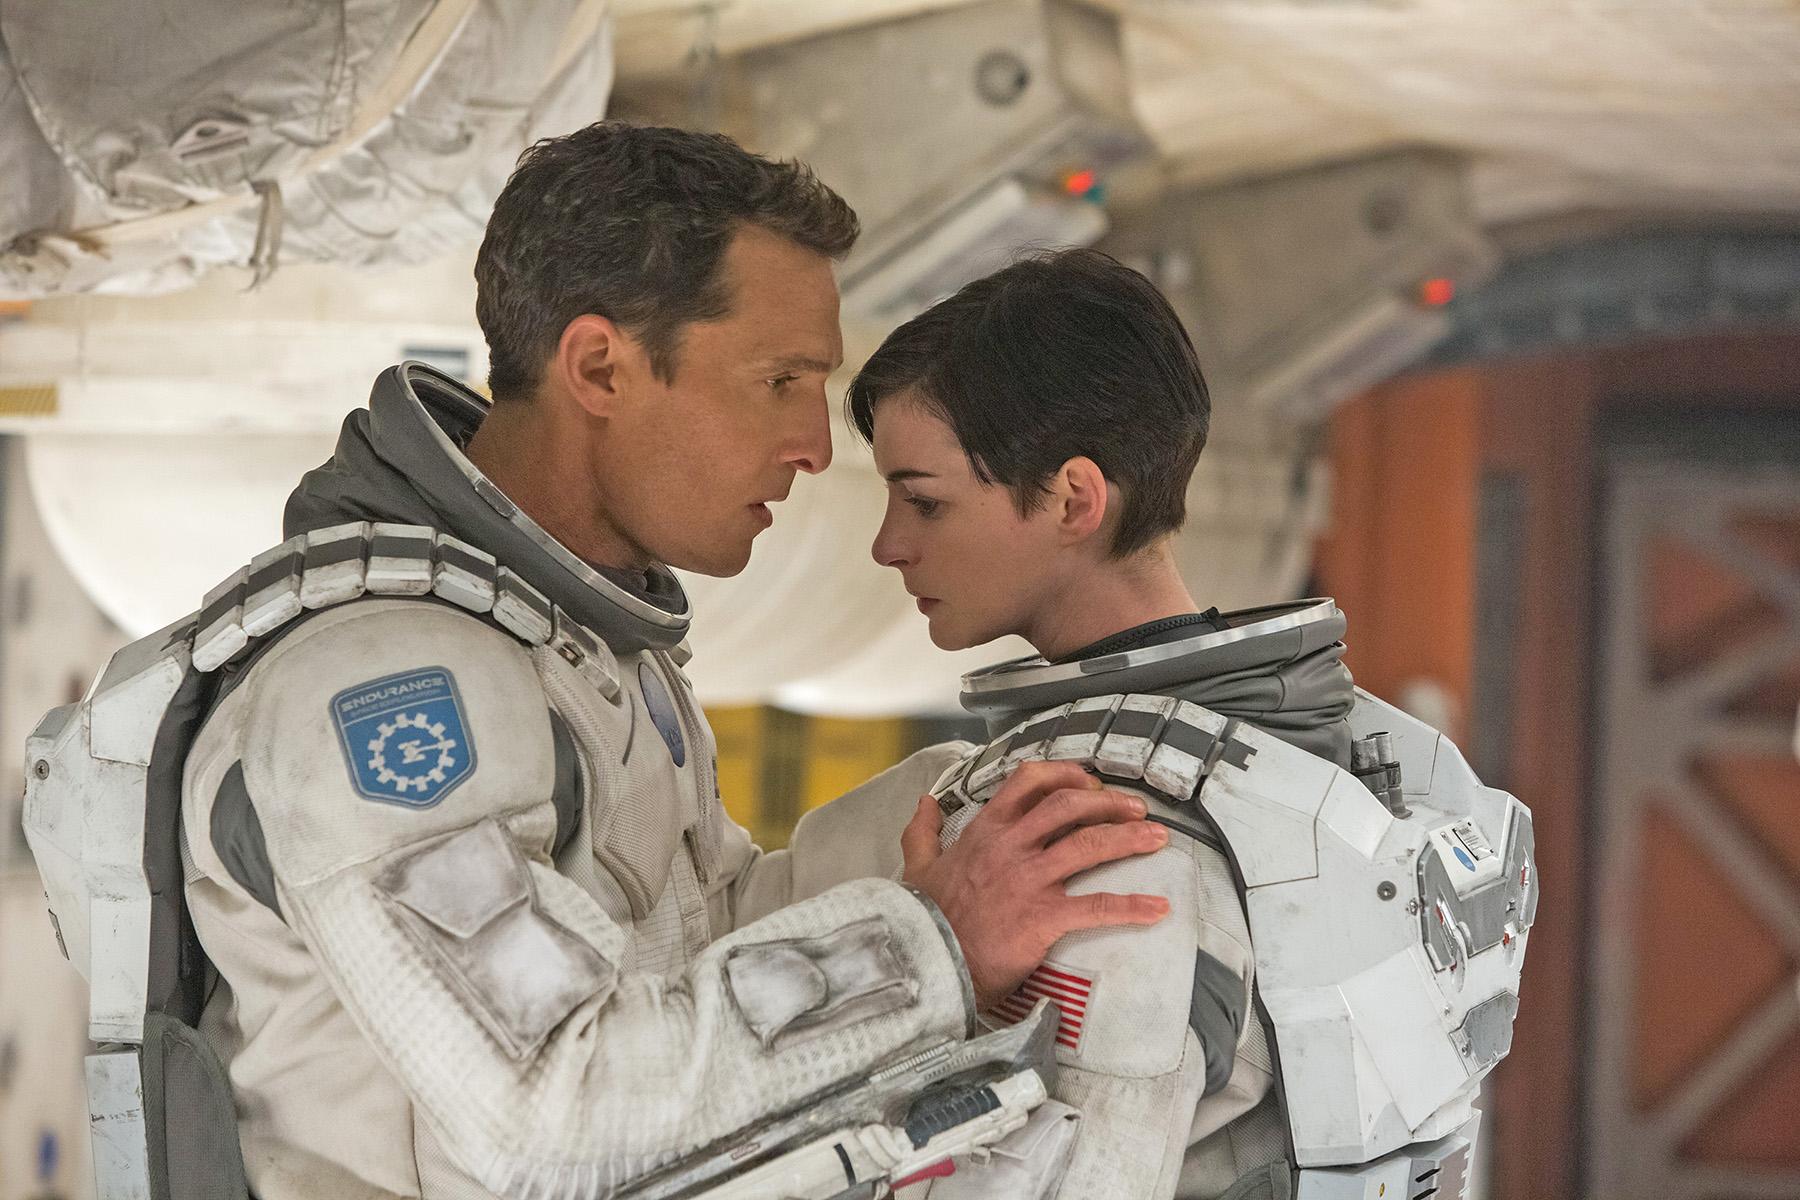 39 Interstellar 39 Launches Dec 26 In Exclusive 70mm Film